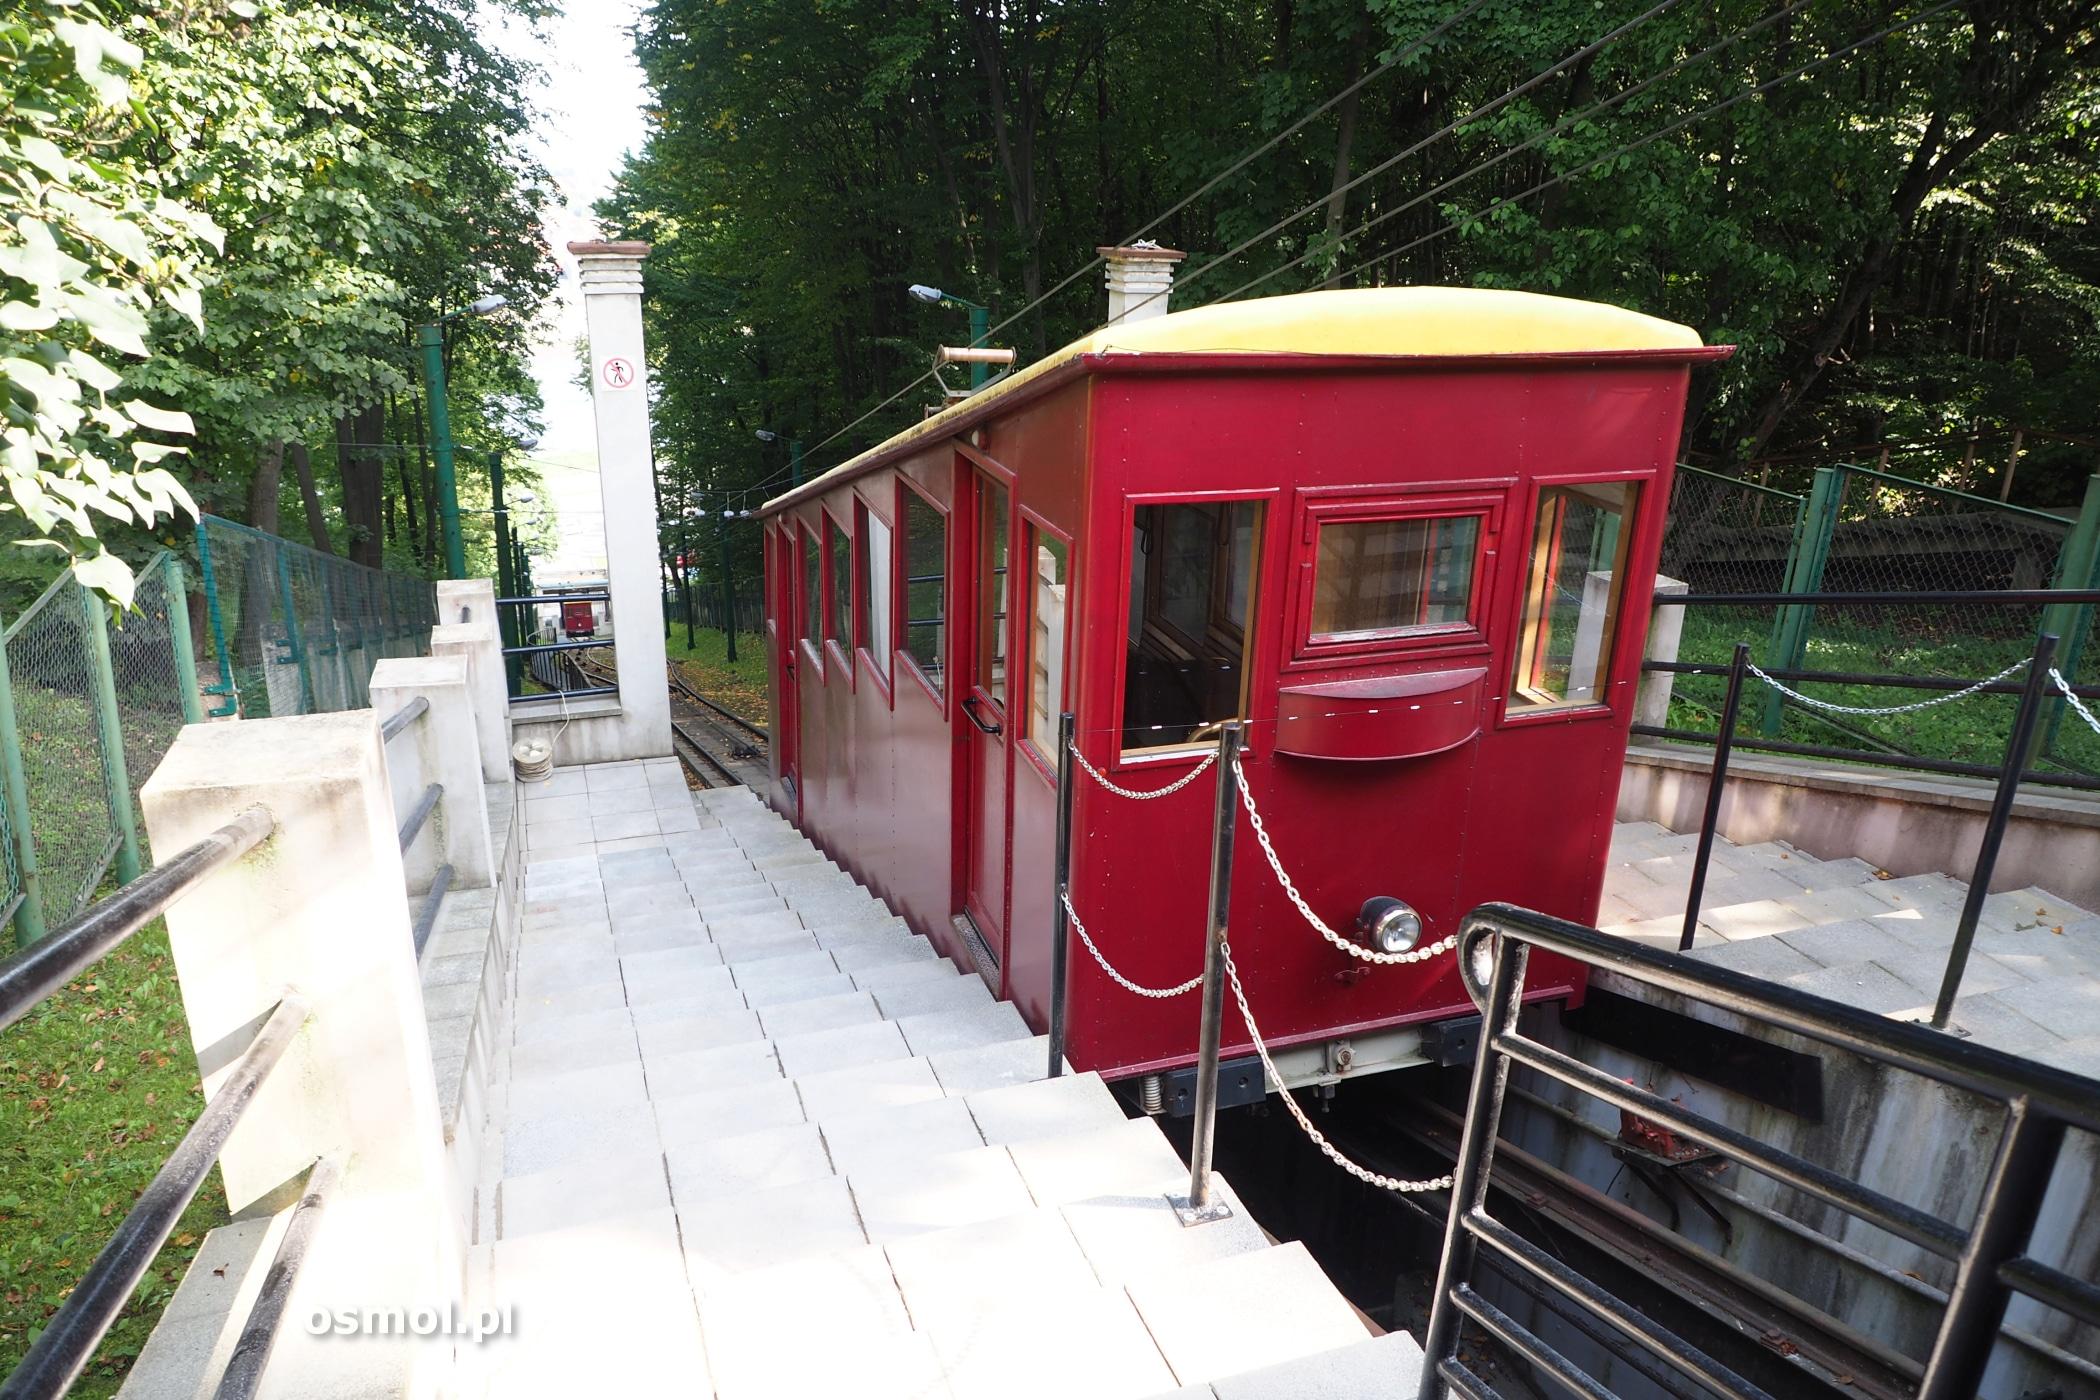 Kowno funicular